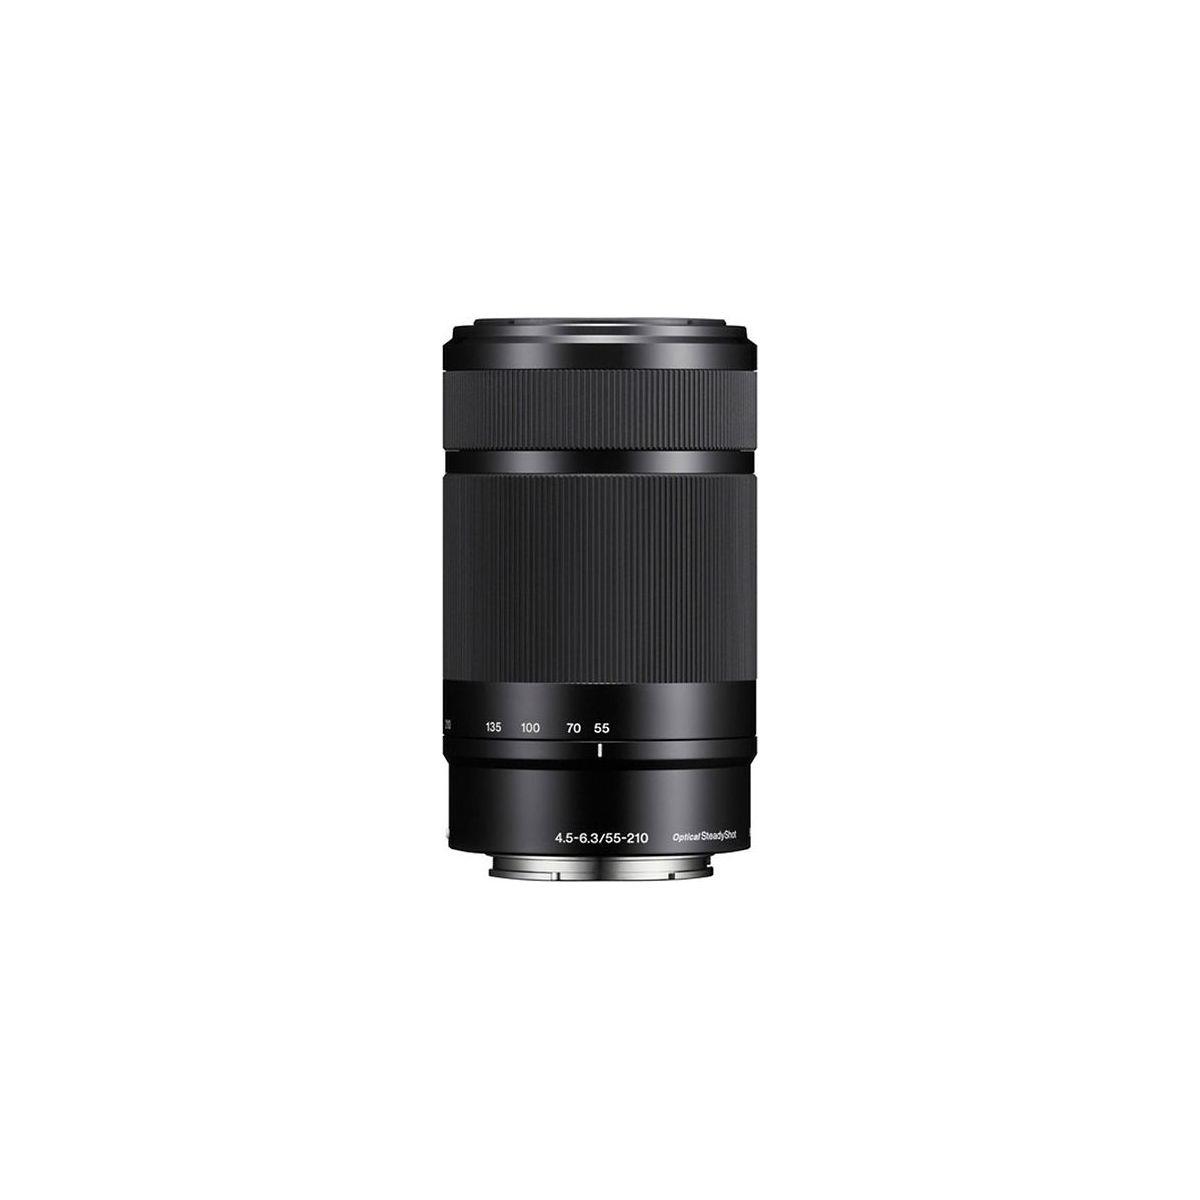 Objectif pour Reflex SONY SEL 55-210mm f4.5-6.3 OSS Noir